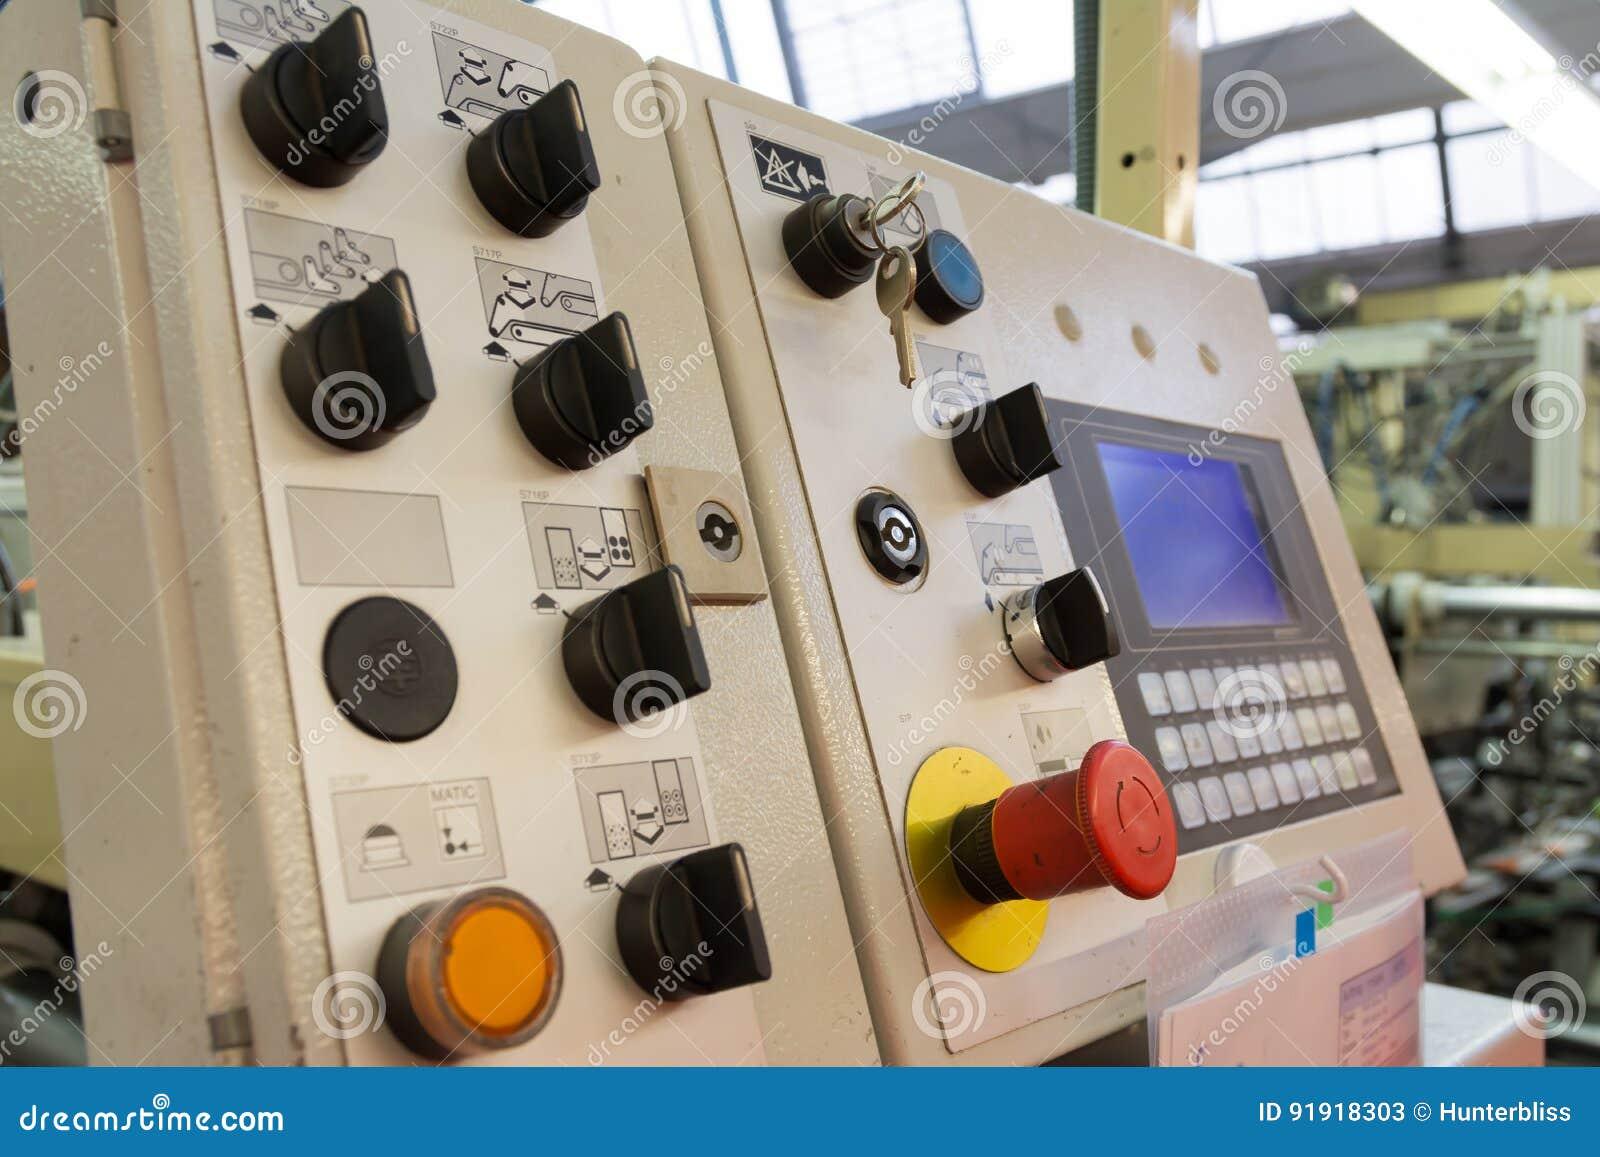 Großartig Industrielle Lichtschalter Bilder - Elektrische Schaltplan ...